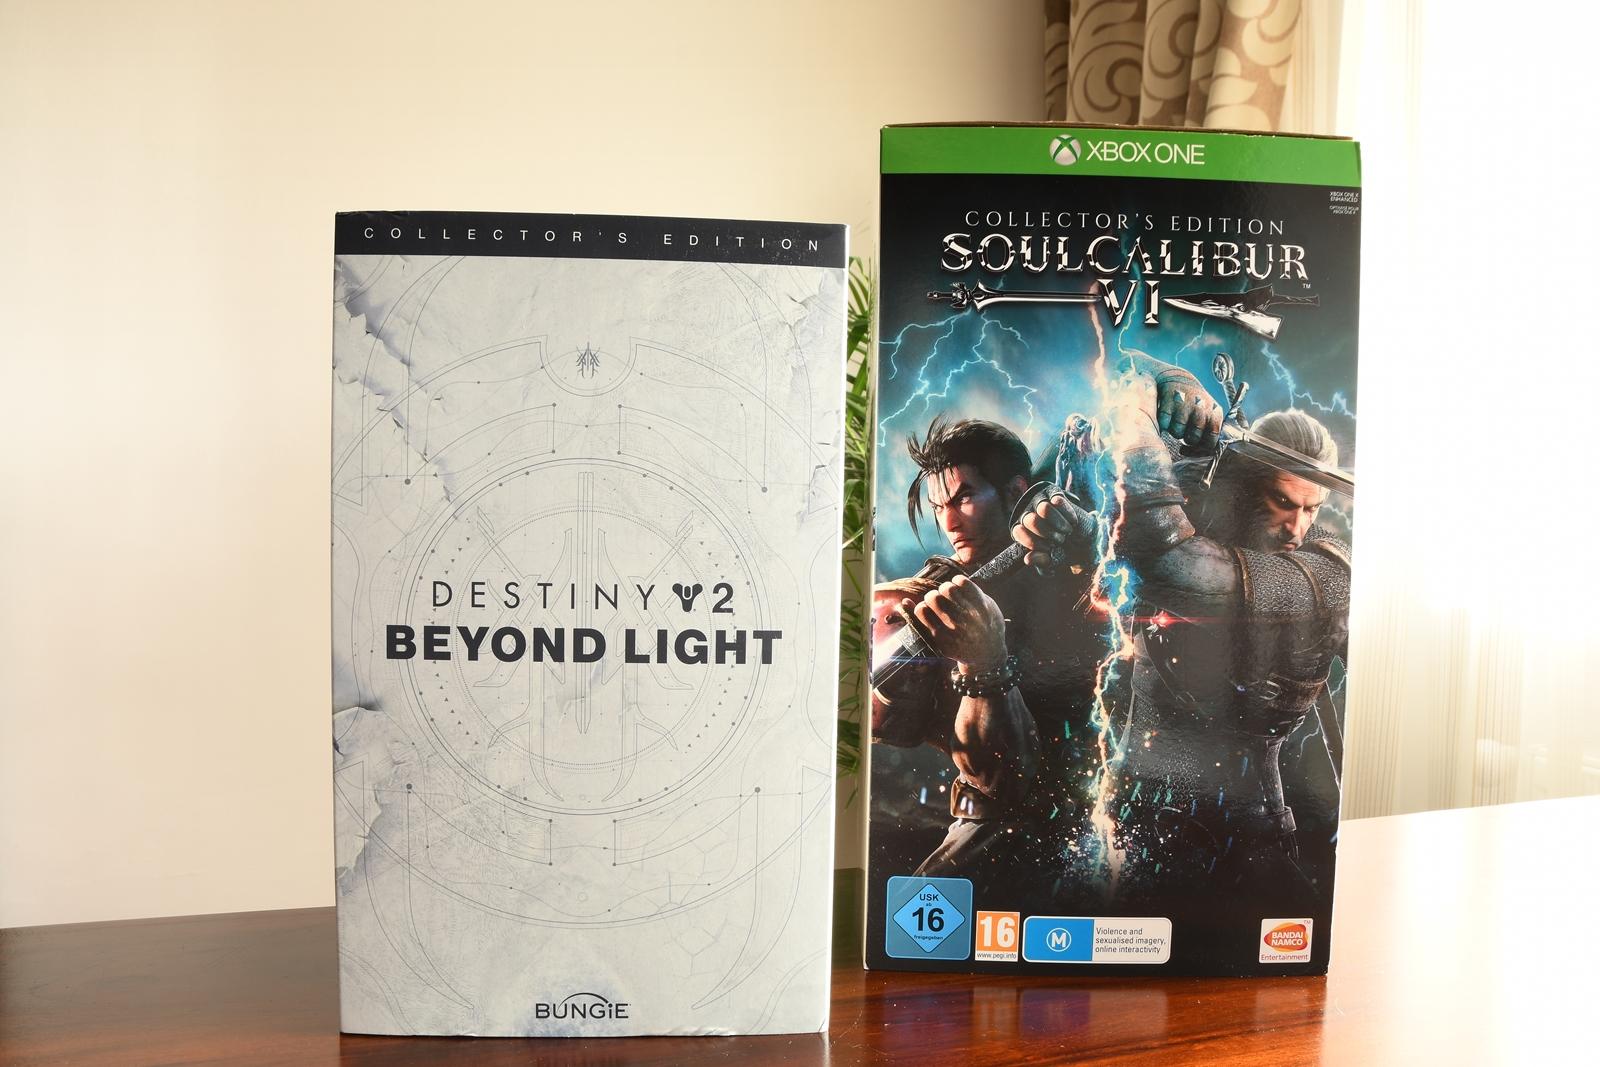 edycje kolekcjonerskie soulcalibur vi i destiny 2 poza światłem